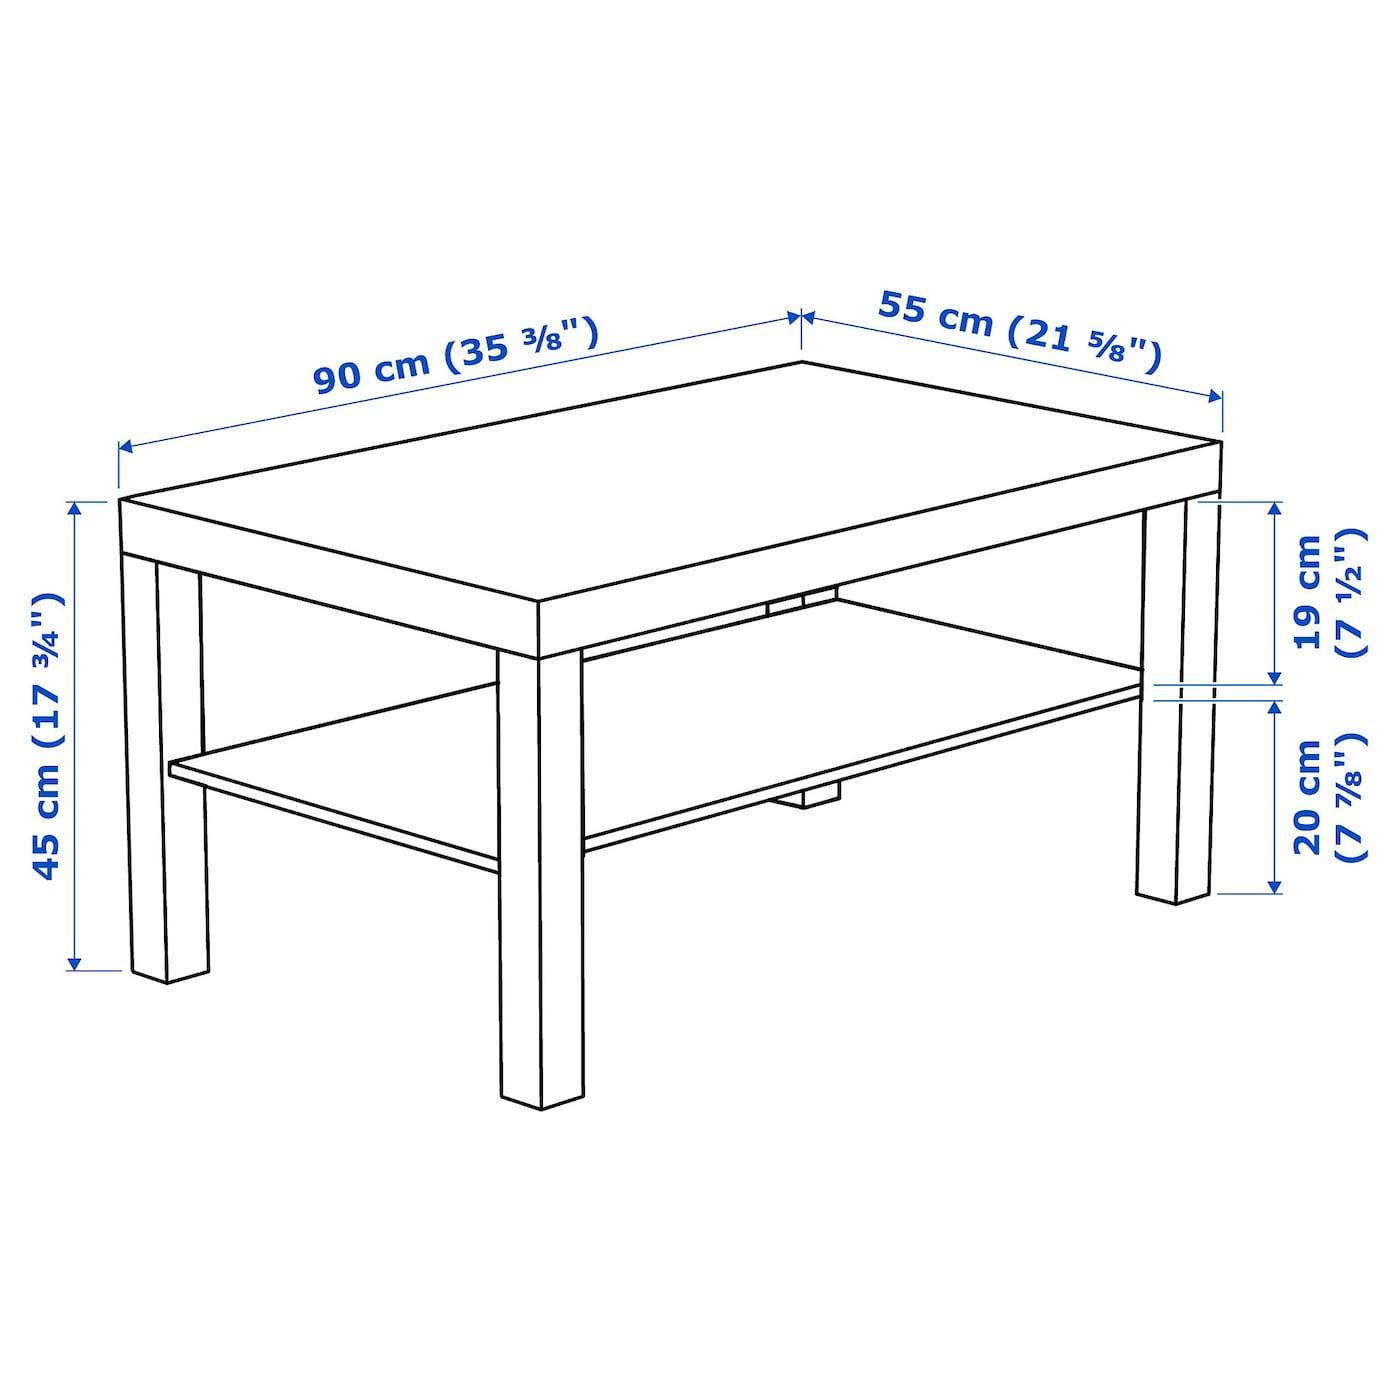 Lack Konferencni Stolek Cernohneda 90x55 Cm Ikea [ 1400 x 1400 Pixel ]